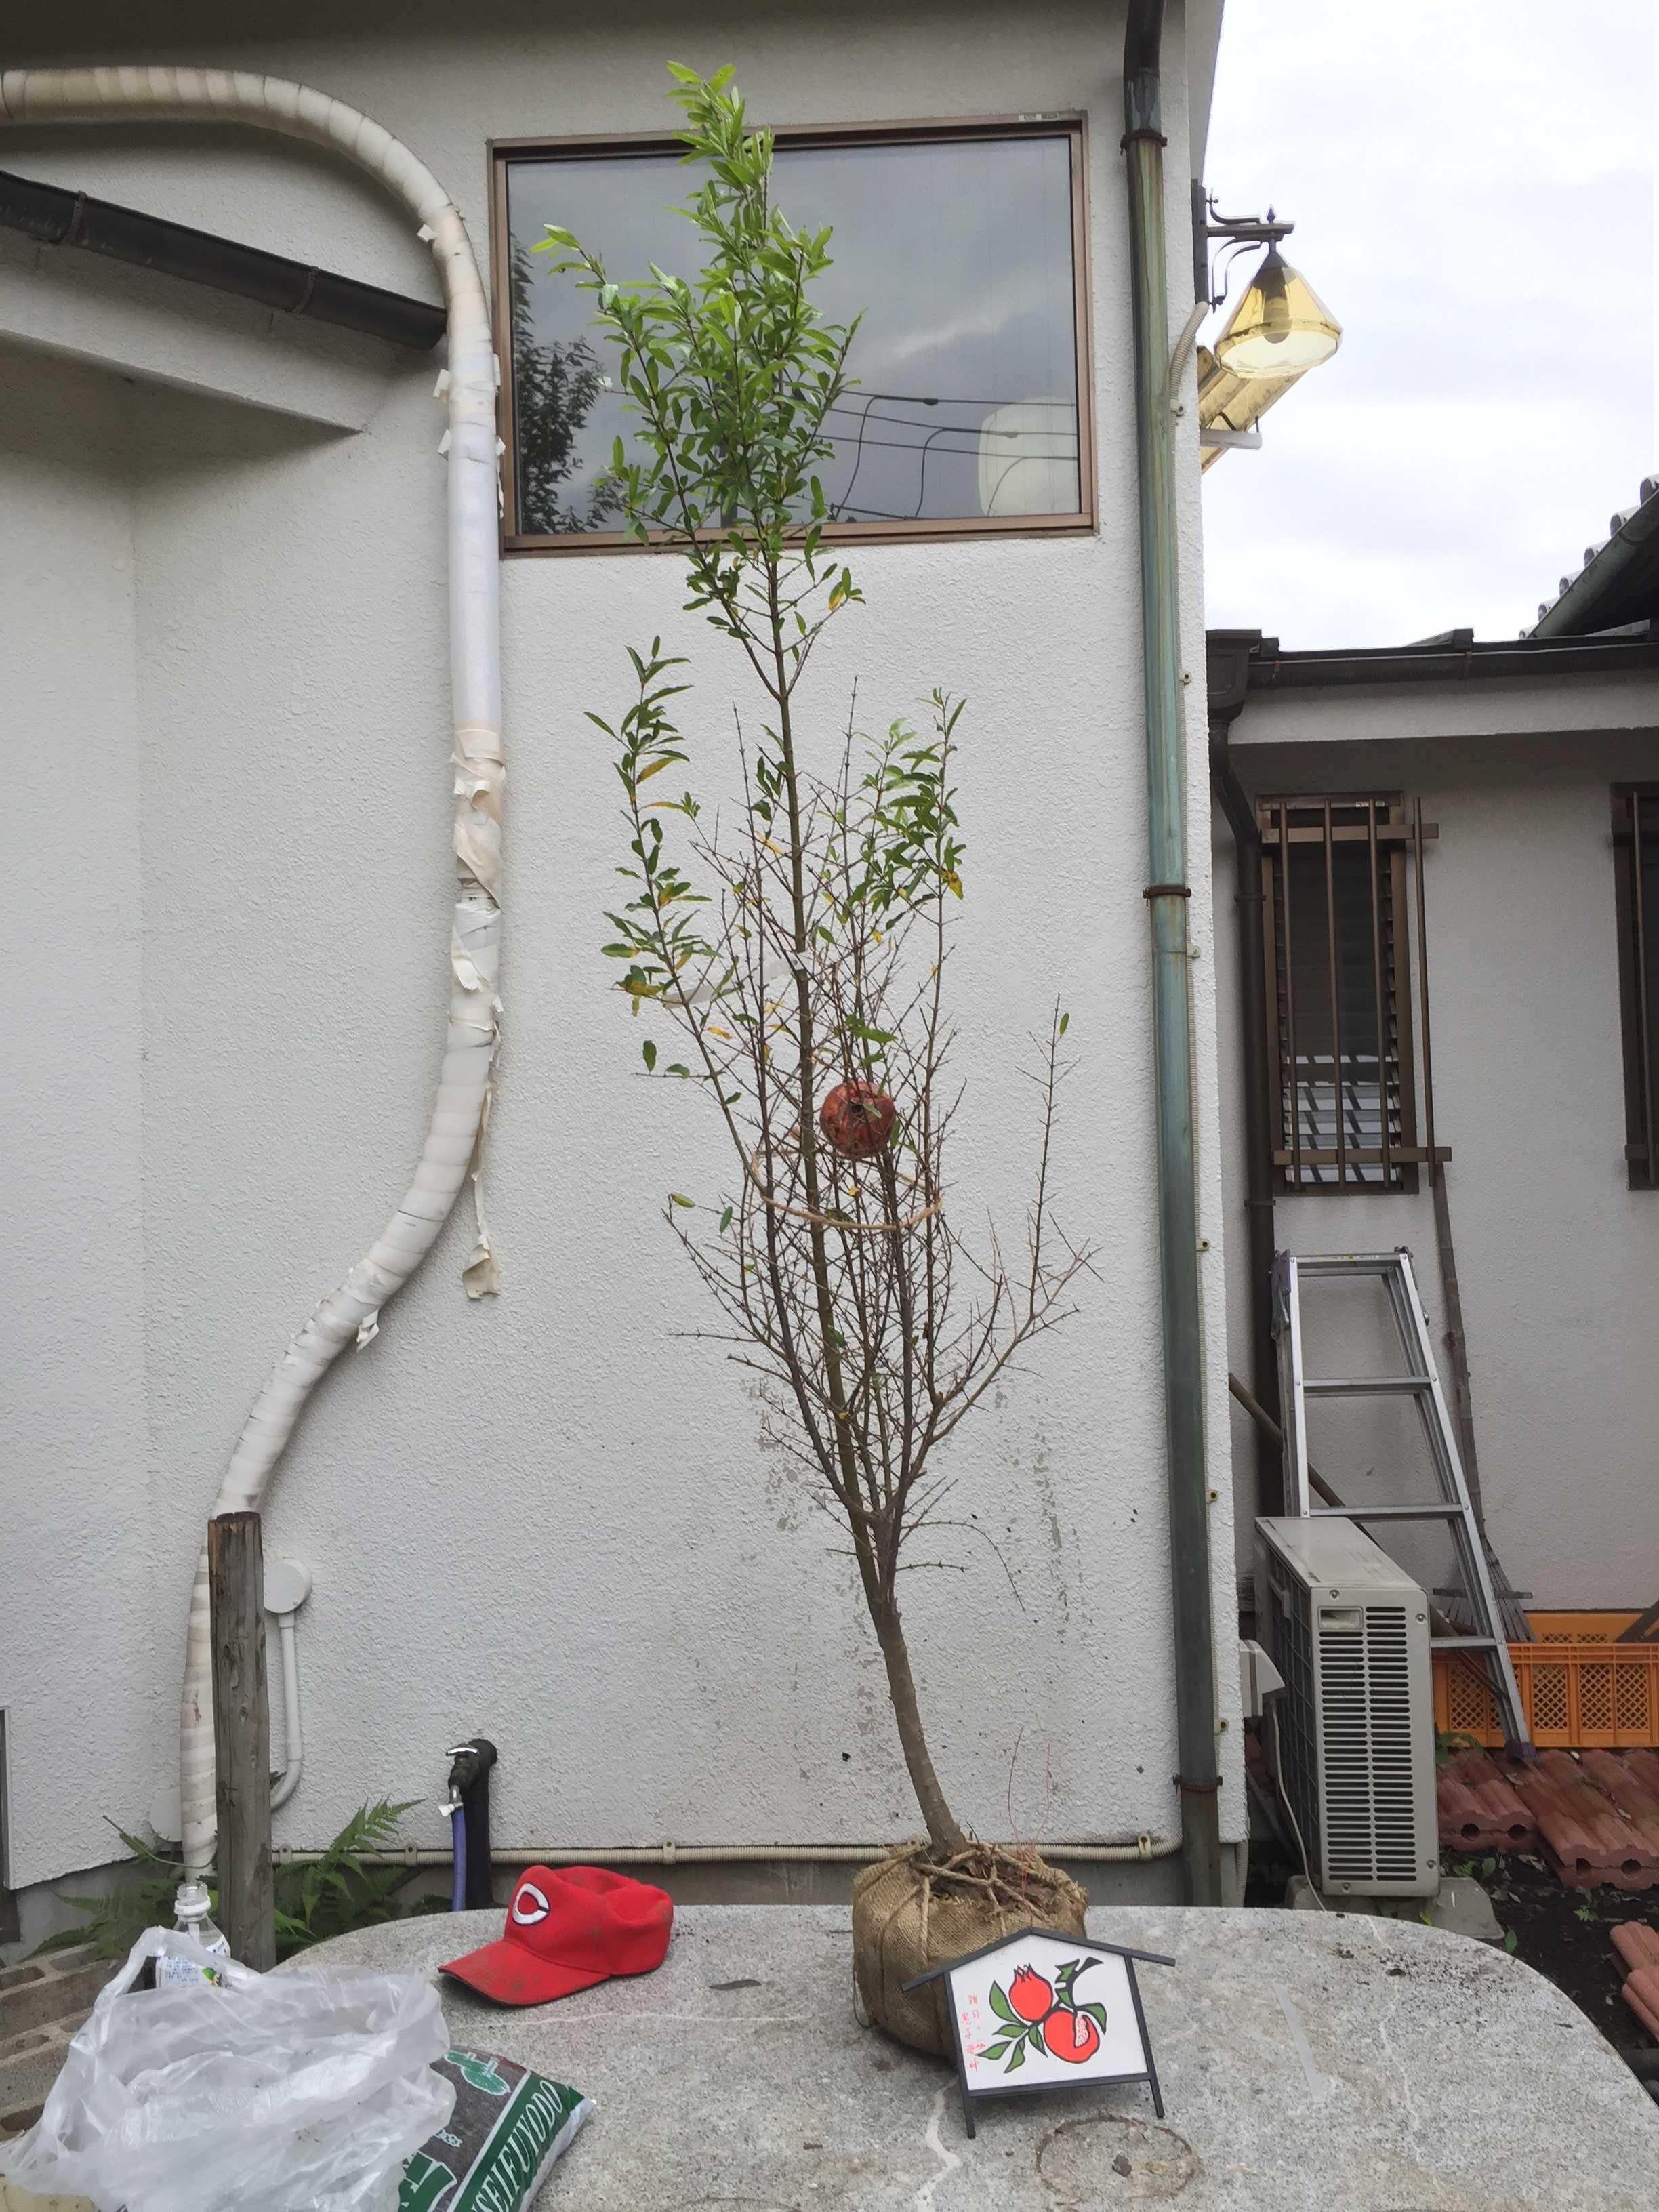 届いたザクロの木(樹形)